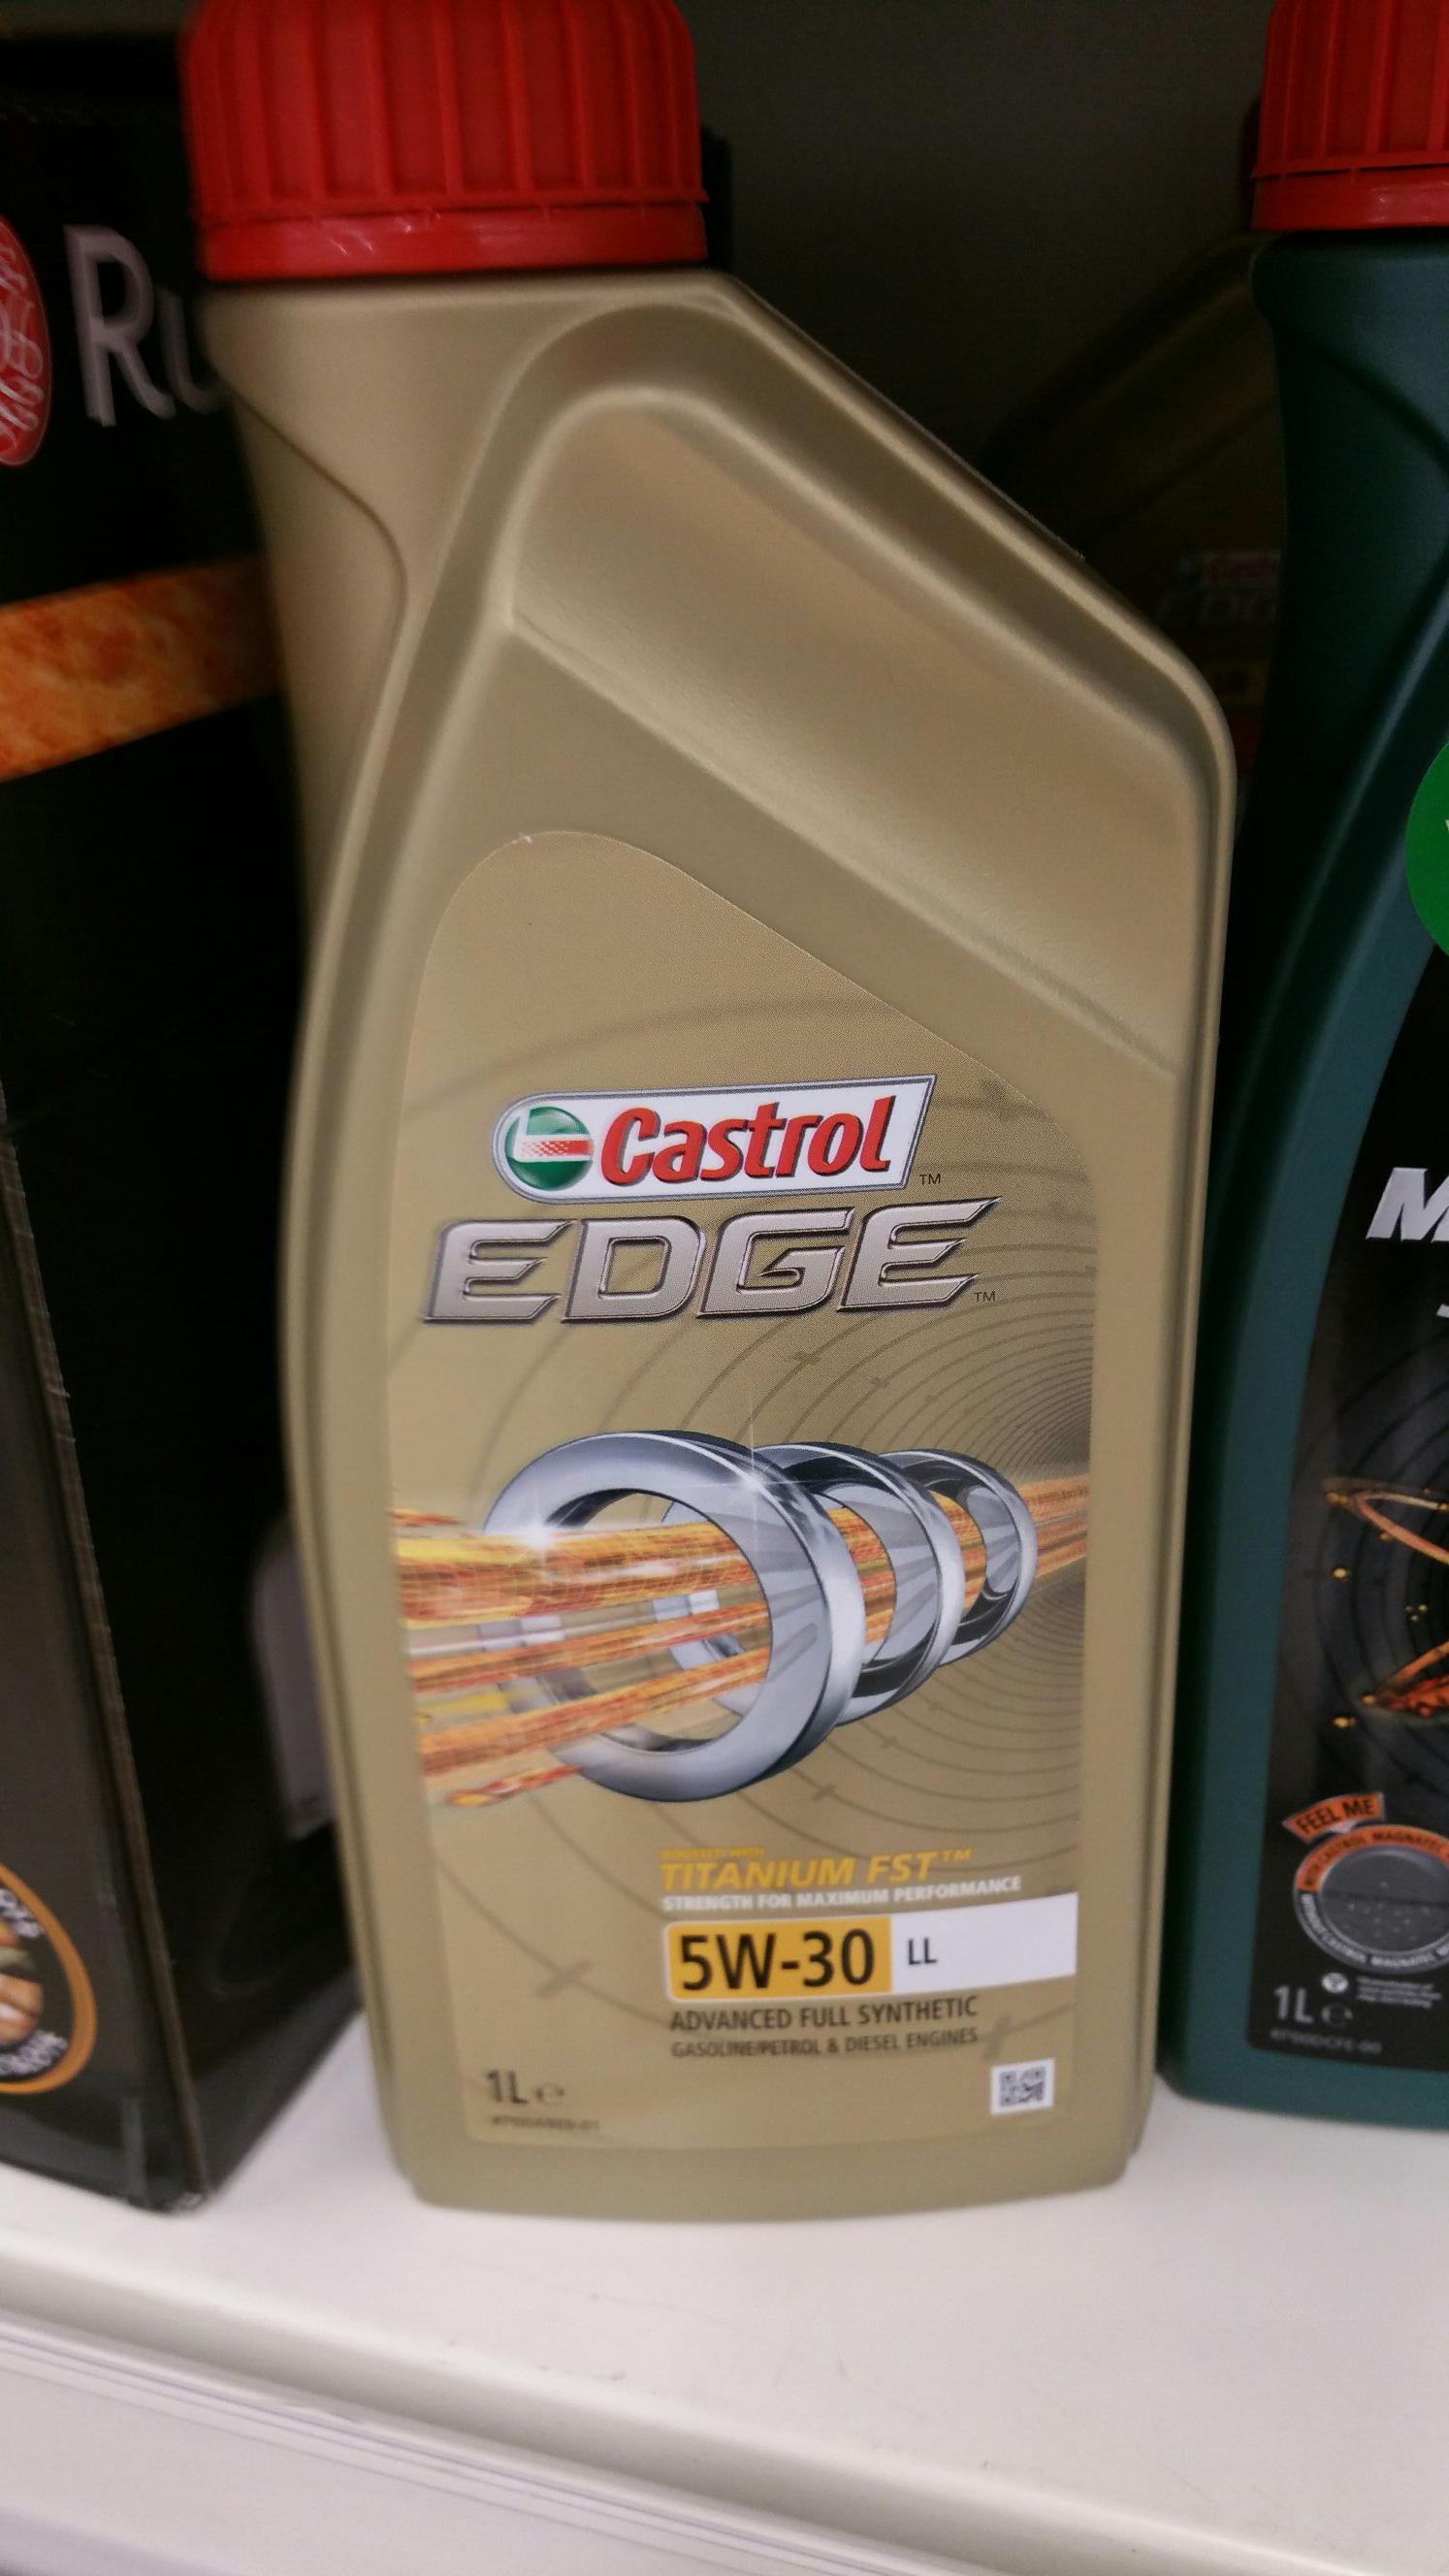 Castrol EDGE 5W30 50p instore @ Tesco